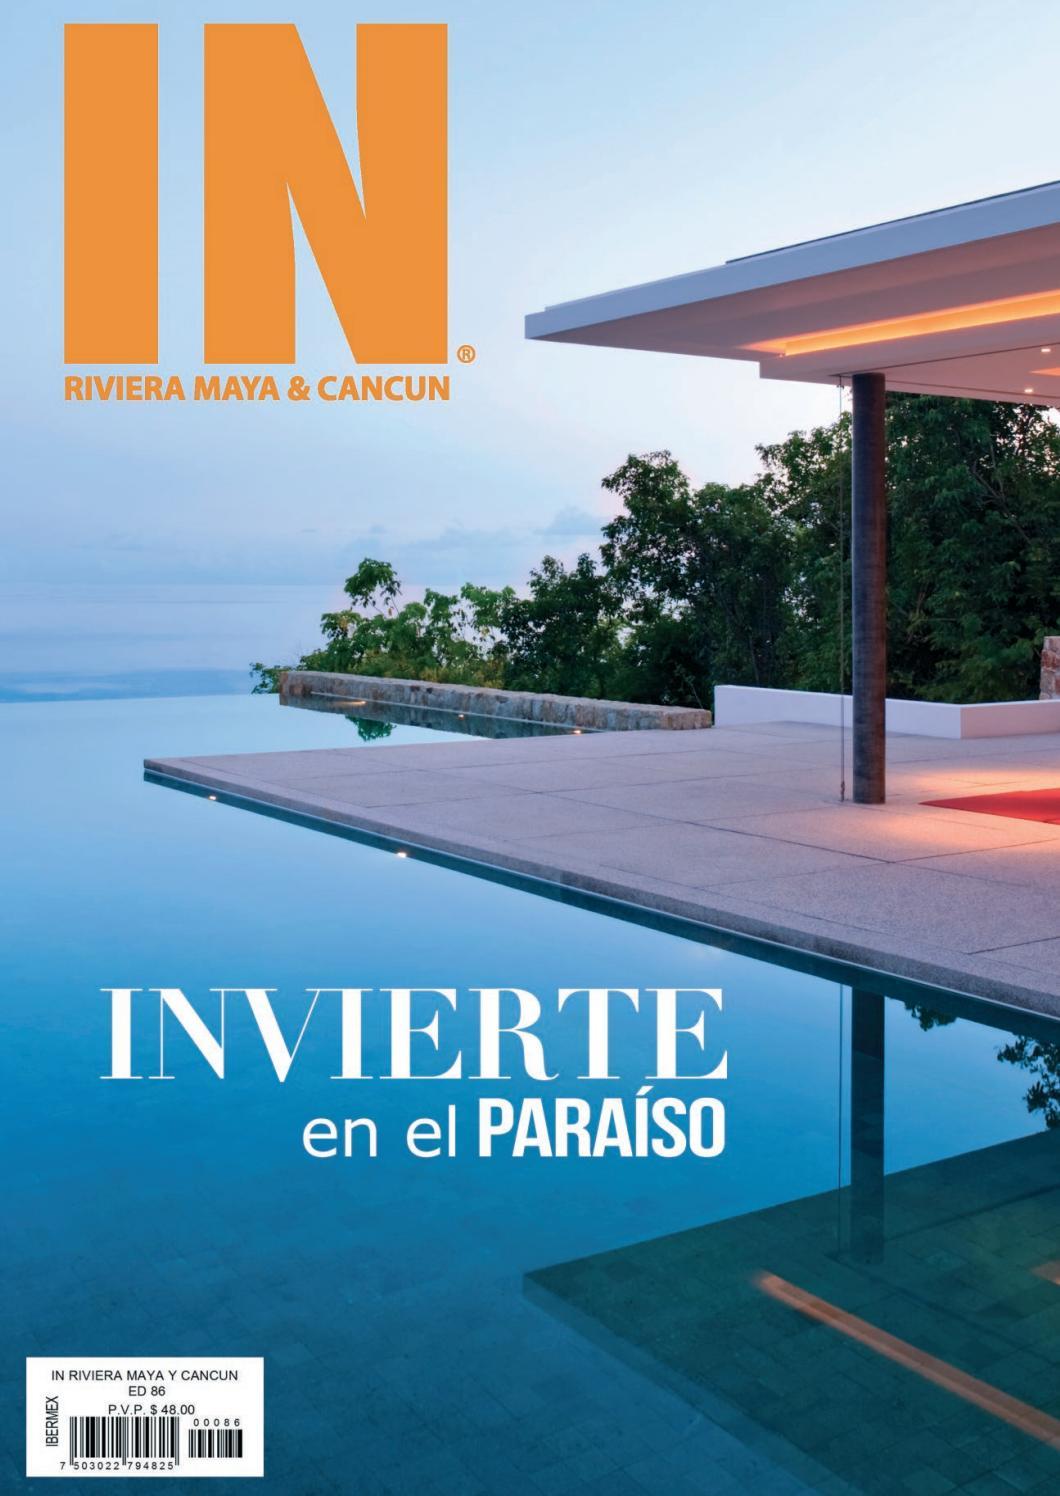 riviera maya resumen de diabetes